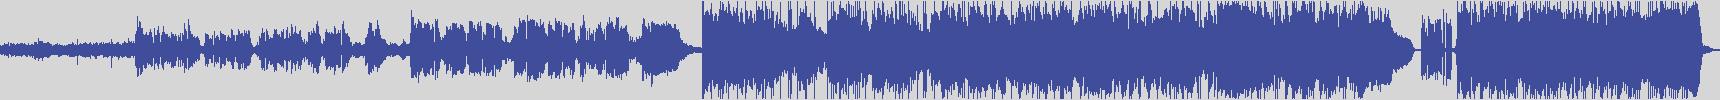 gold_hit_records [GHR005] Priscilla Cattaneo - Respirare [Radio Edit] audio wave form